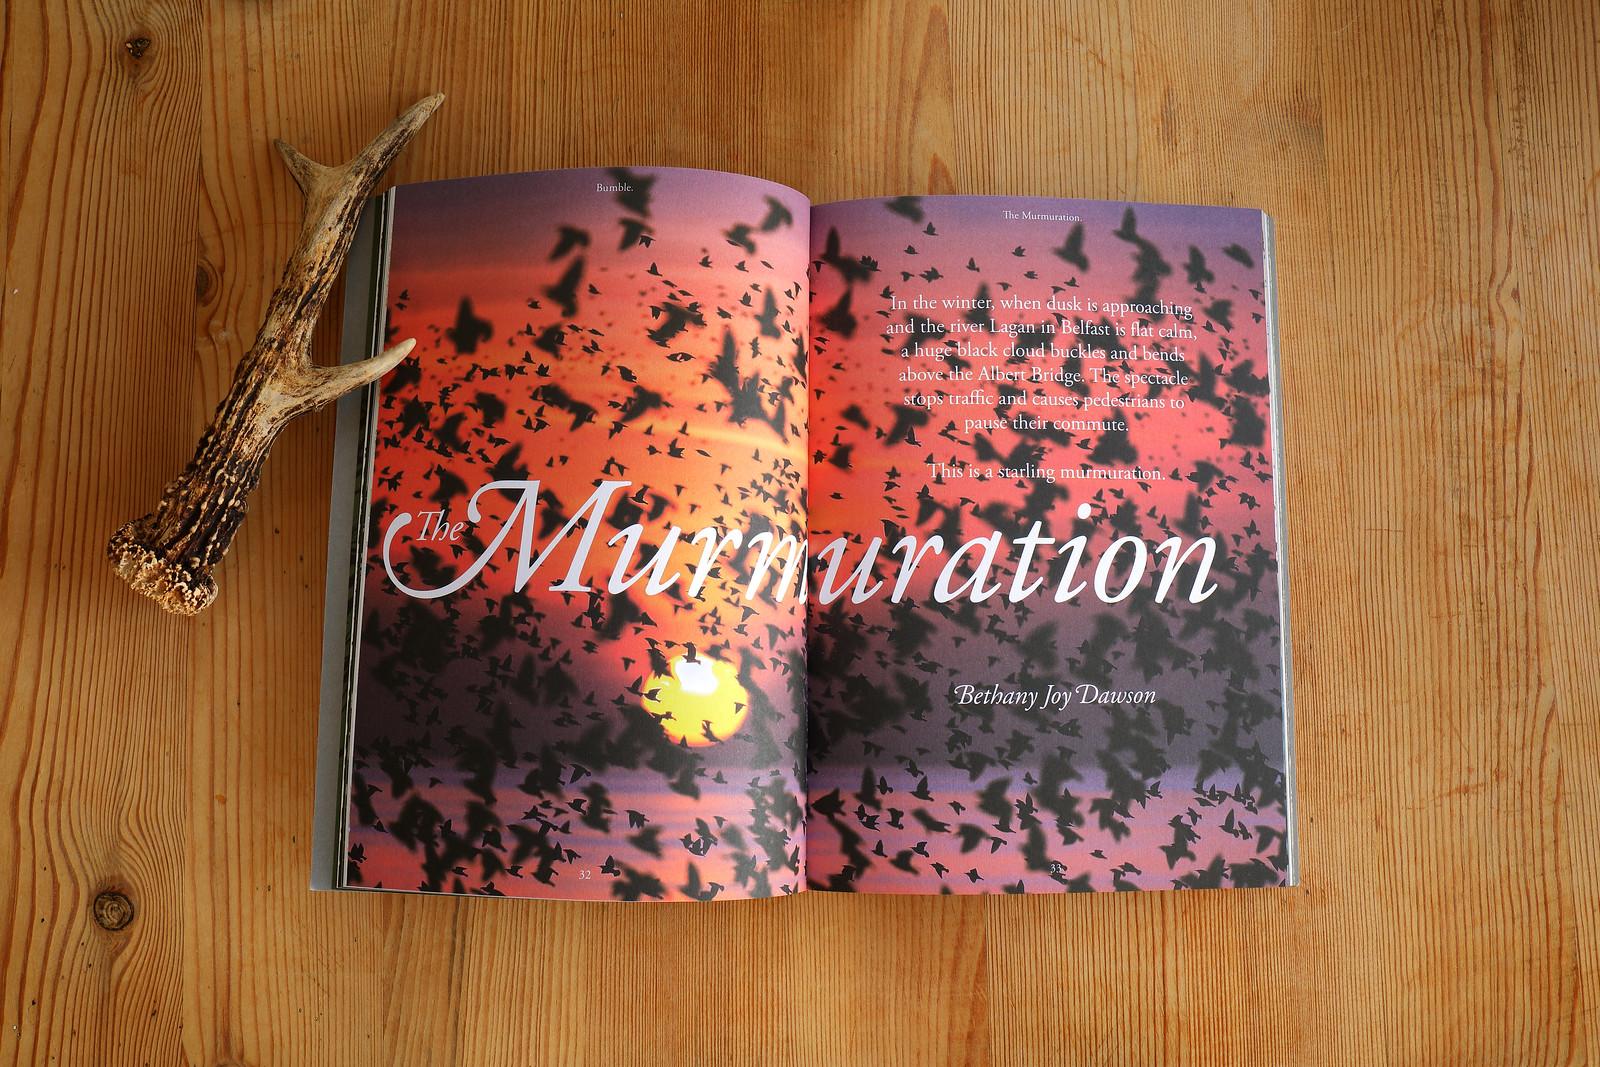 Bumble_Magazine_Murmuration